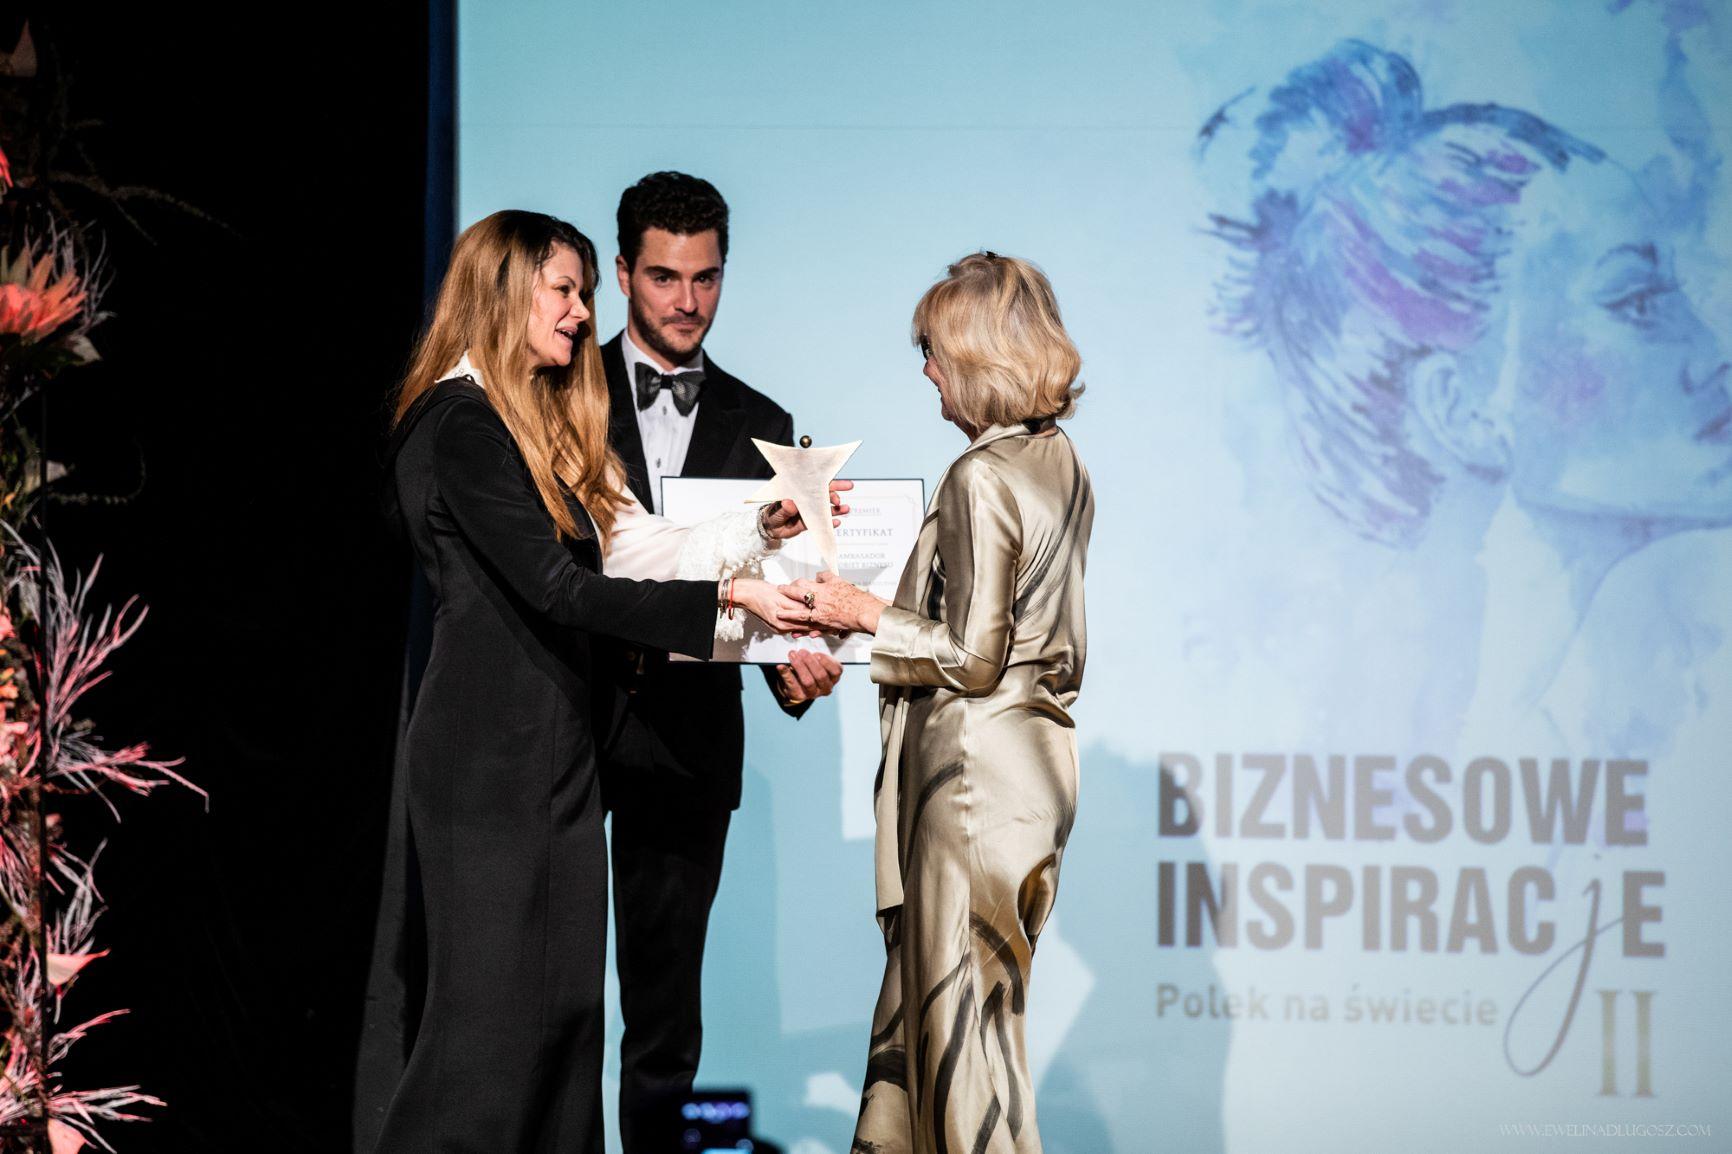 Biznesowe Inspiracje Polek naŚwiecie